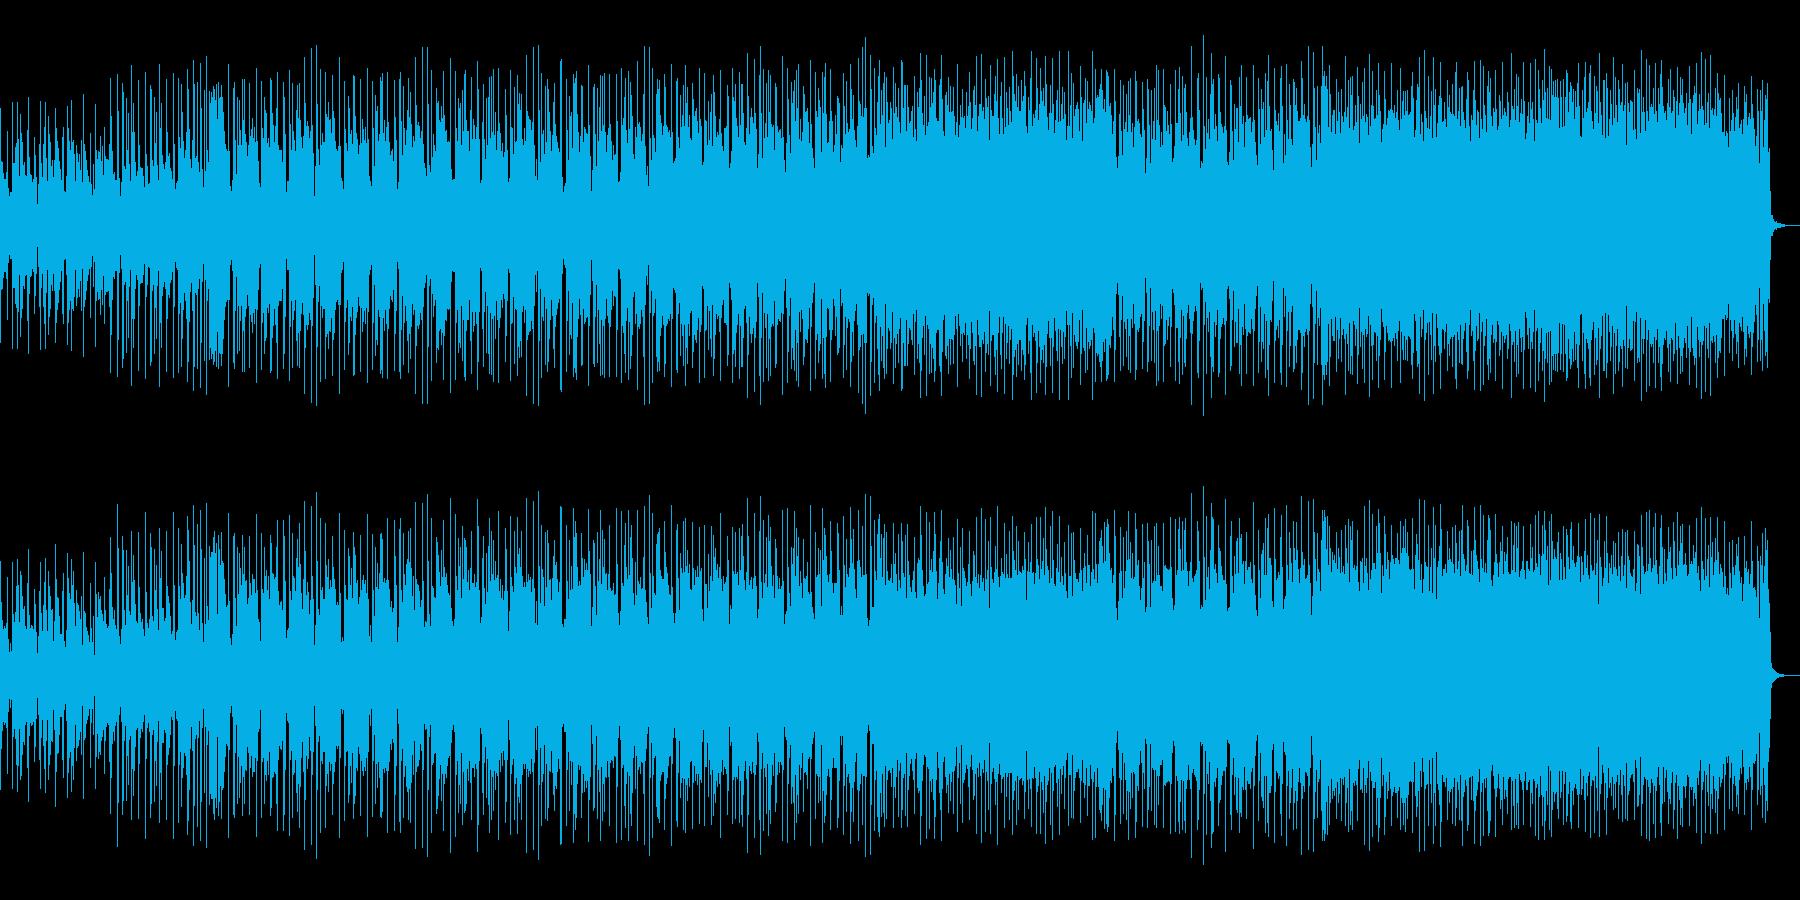 アコギとシンセのキャッチーなメロディーの再生済みの波形